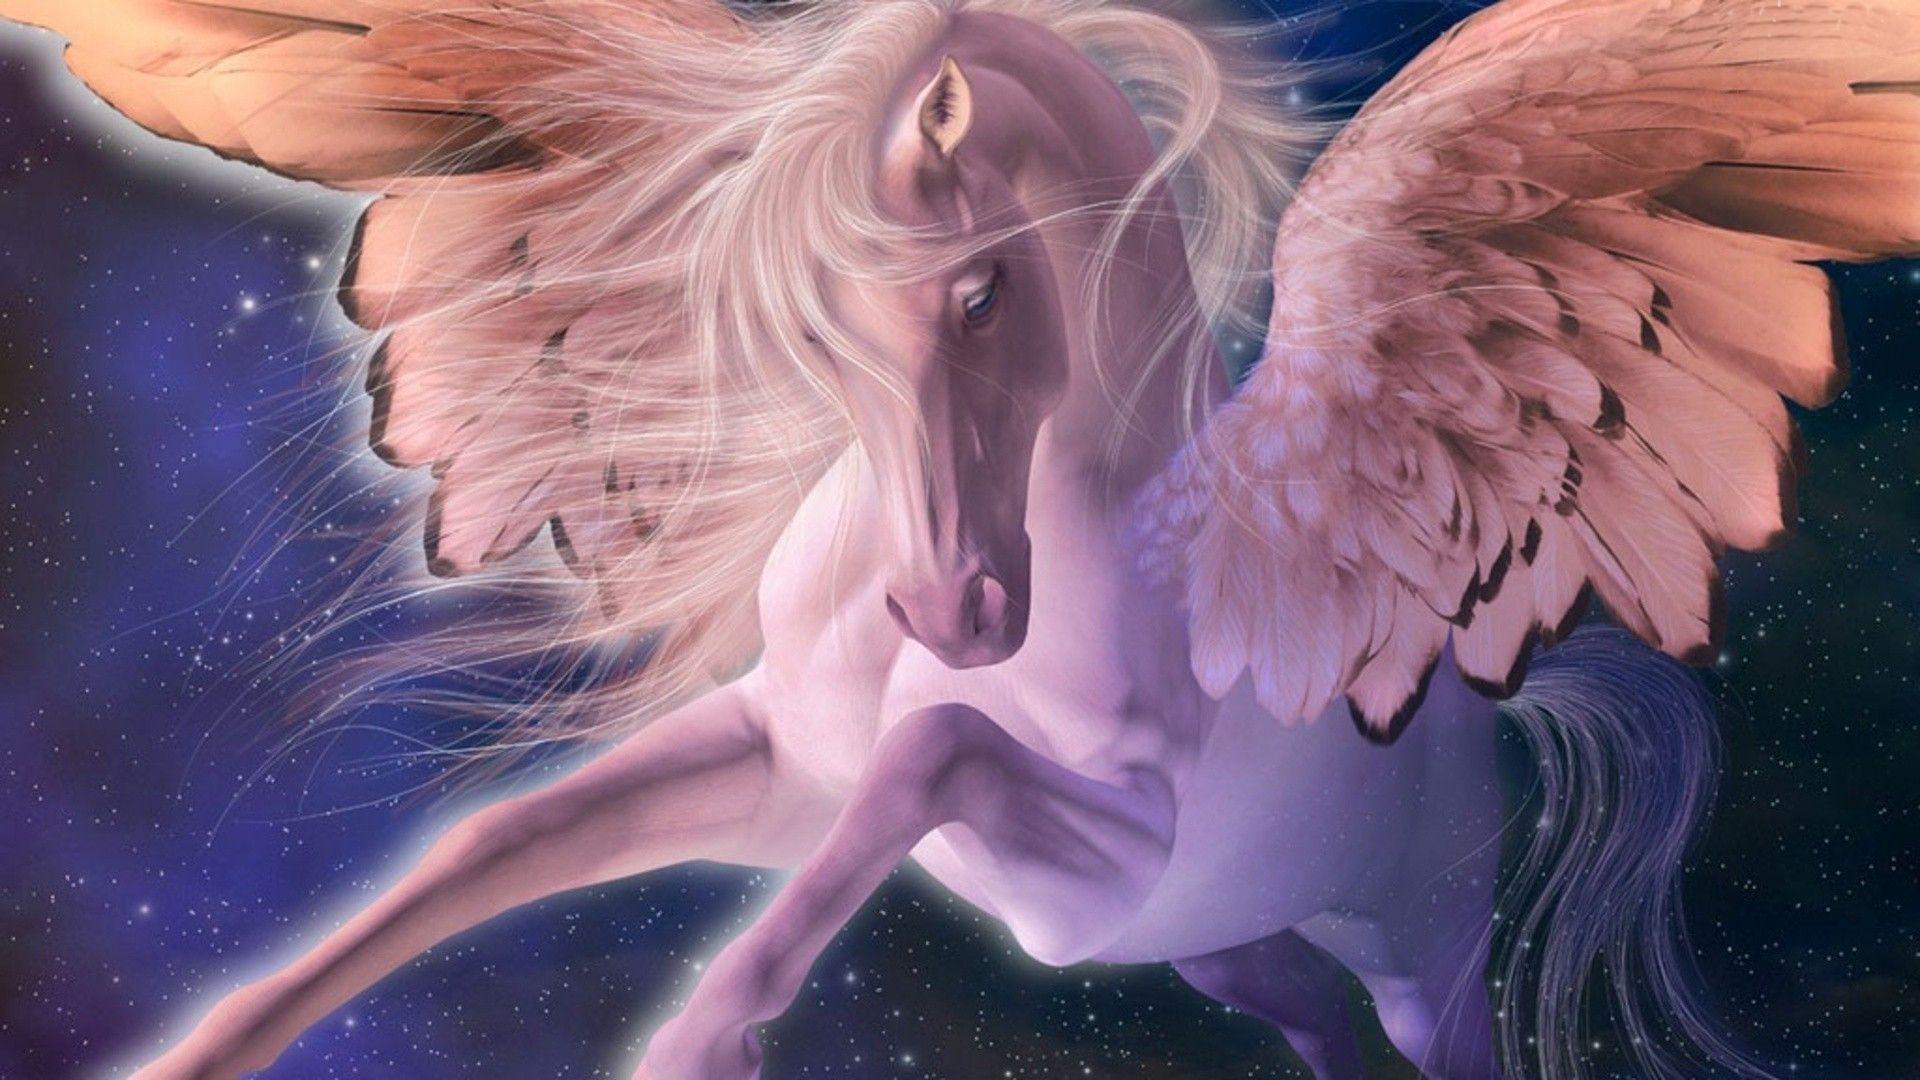 Best Wallpaper Horse Magic - 4201bc4670c07cc569824806747c8fe8  Graphic_267178.jpg